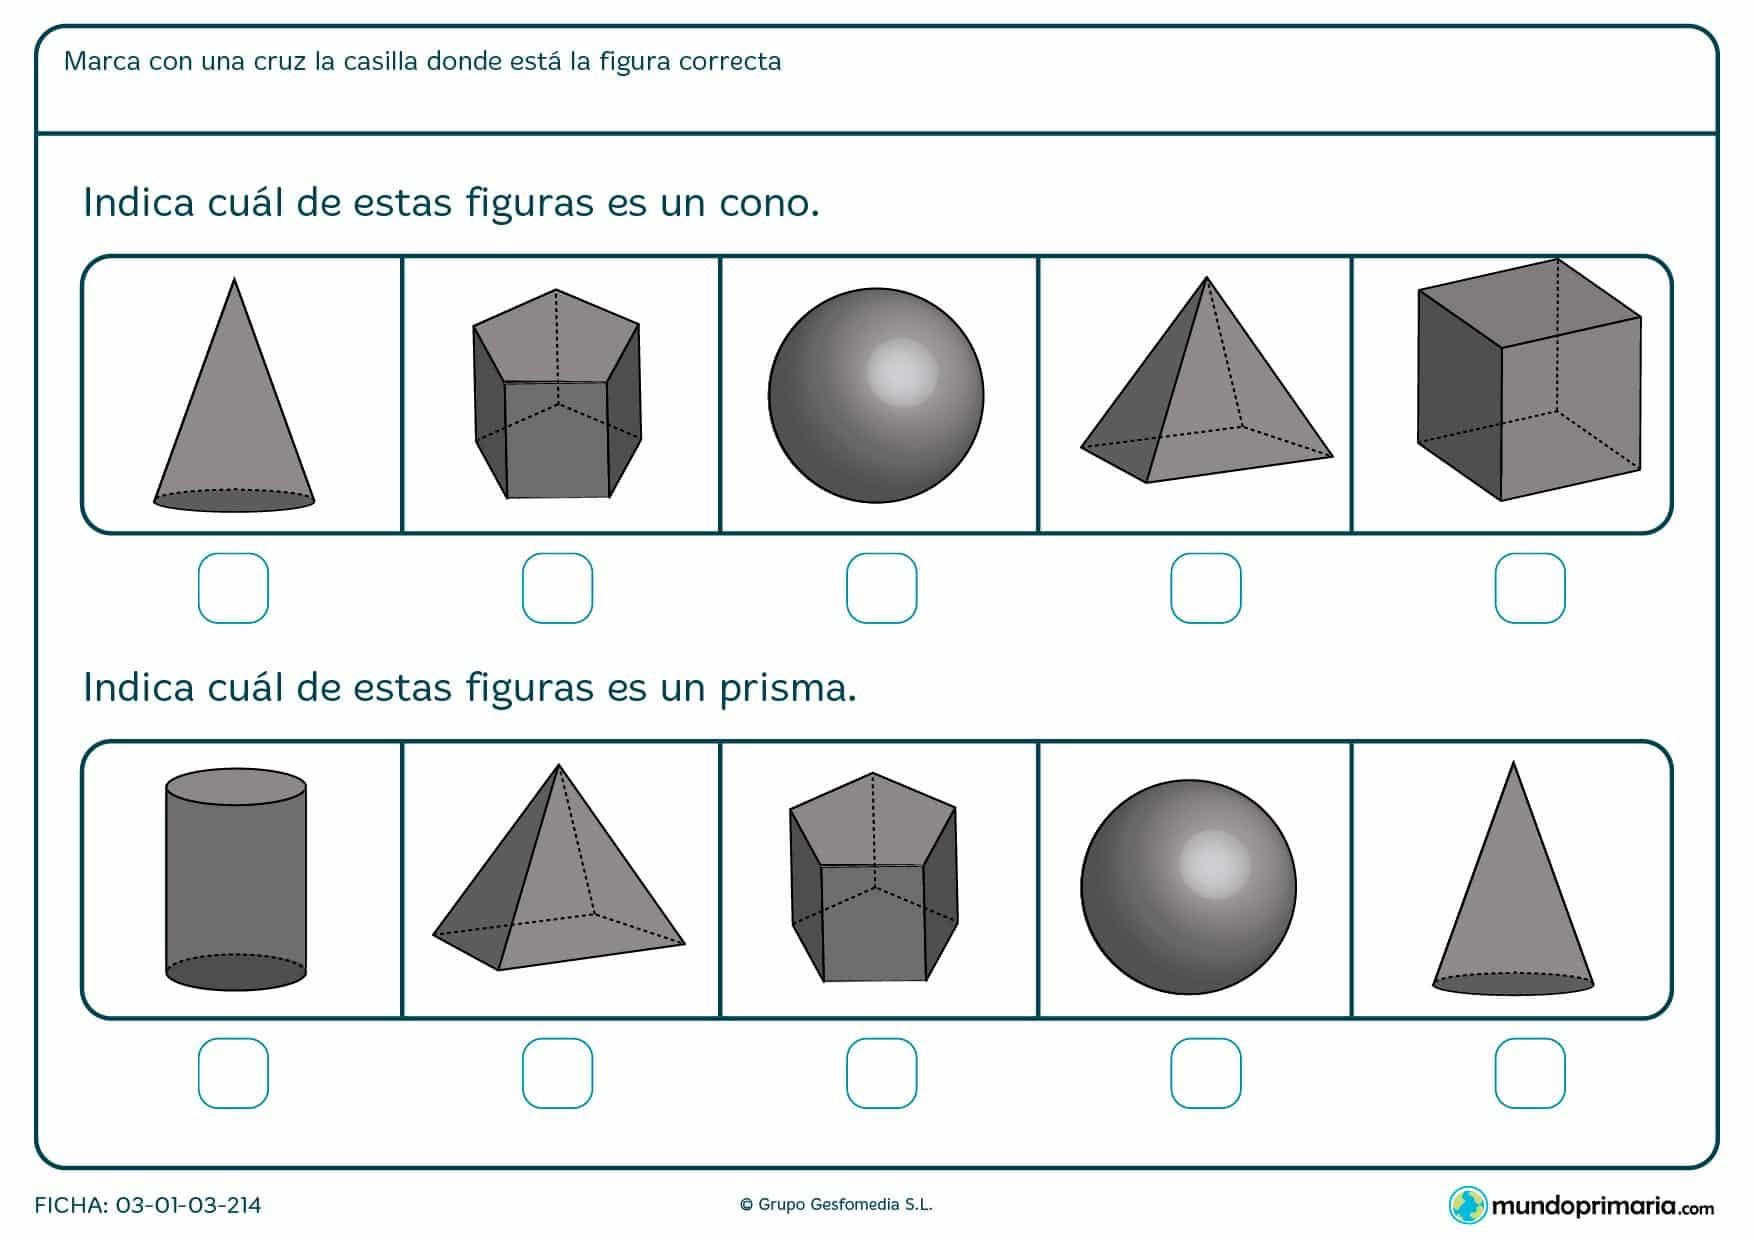 Ficha para niños de primero de primaria en el cual hay que marcar la forma correcta entre diferentes figuras.